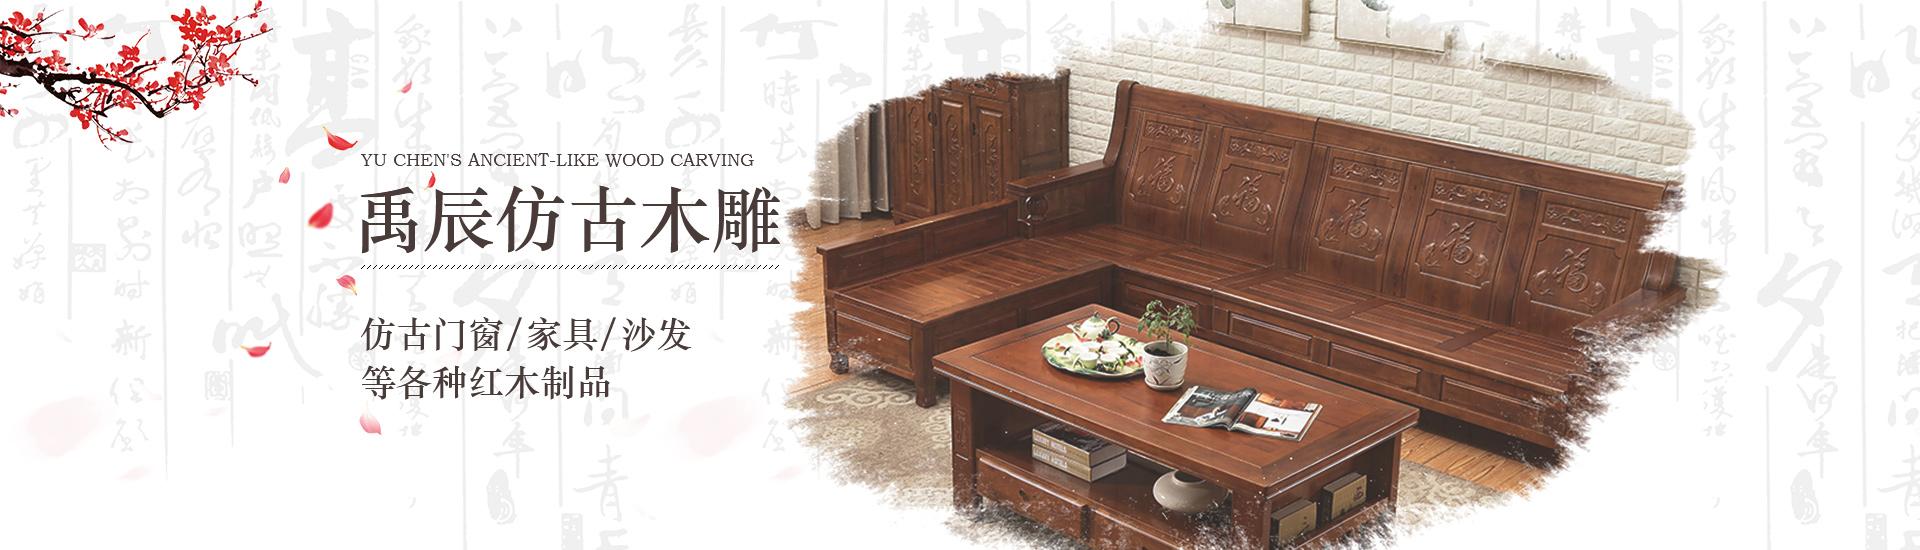 重庆竞博杯亚洲大师赛木雕